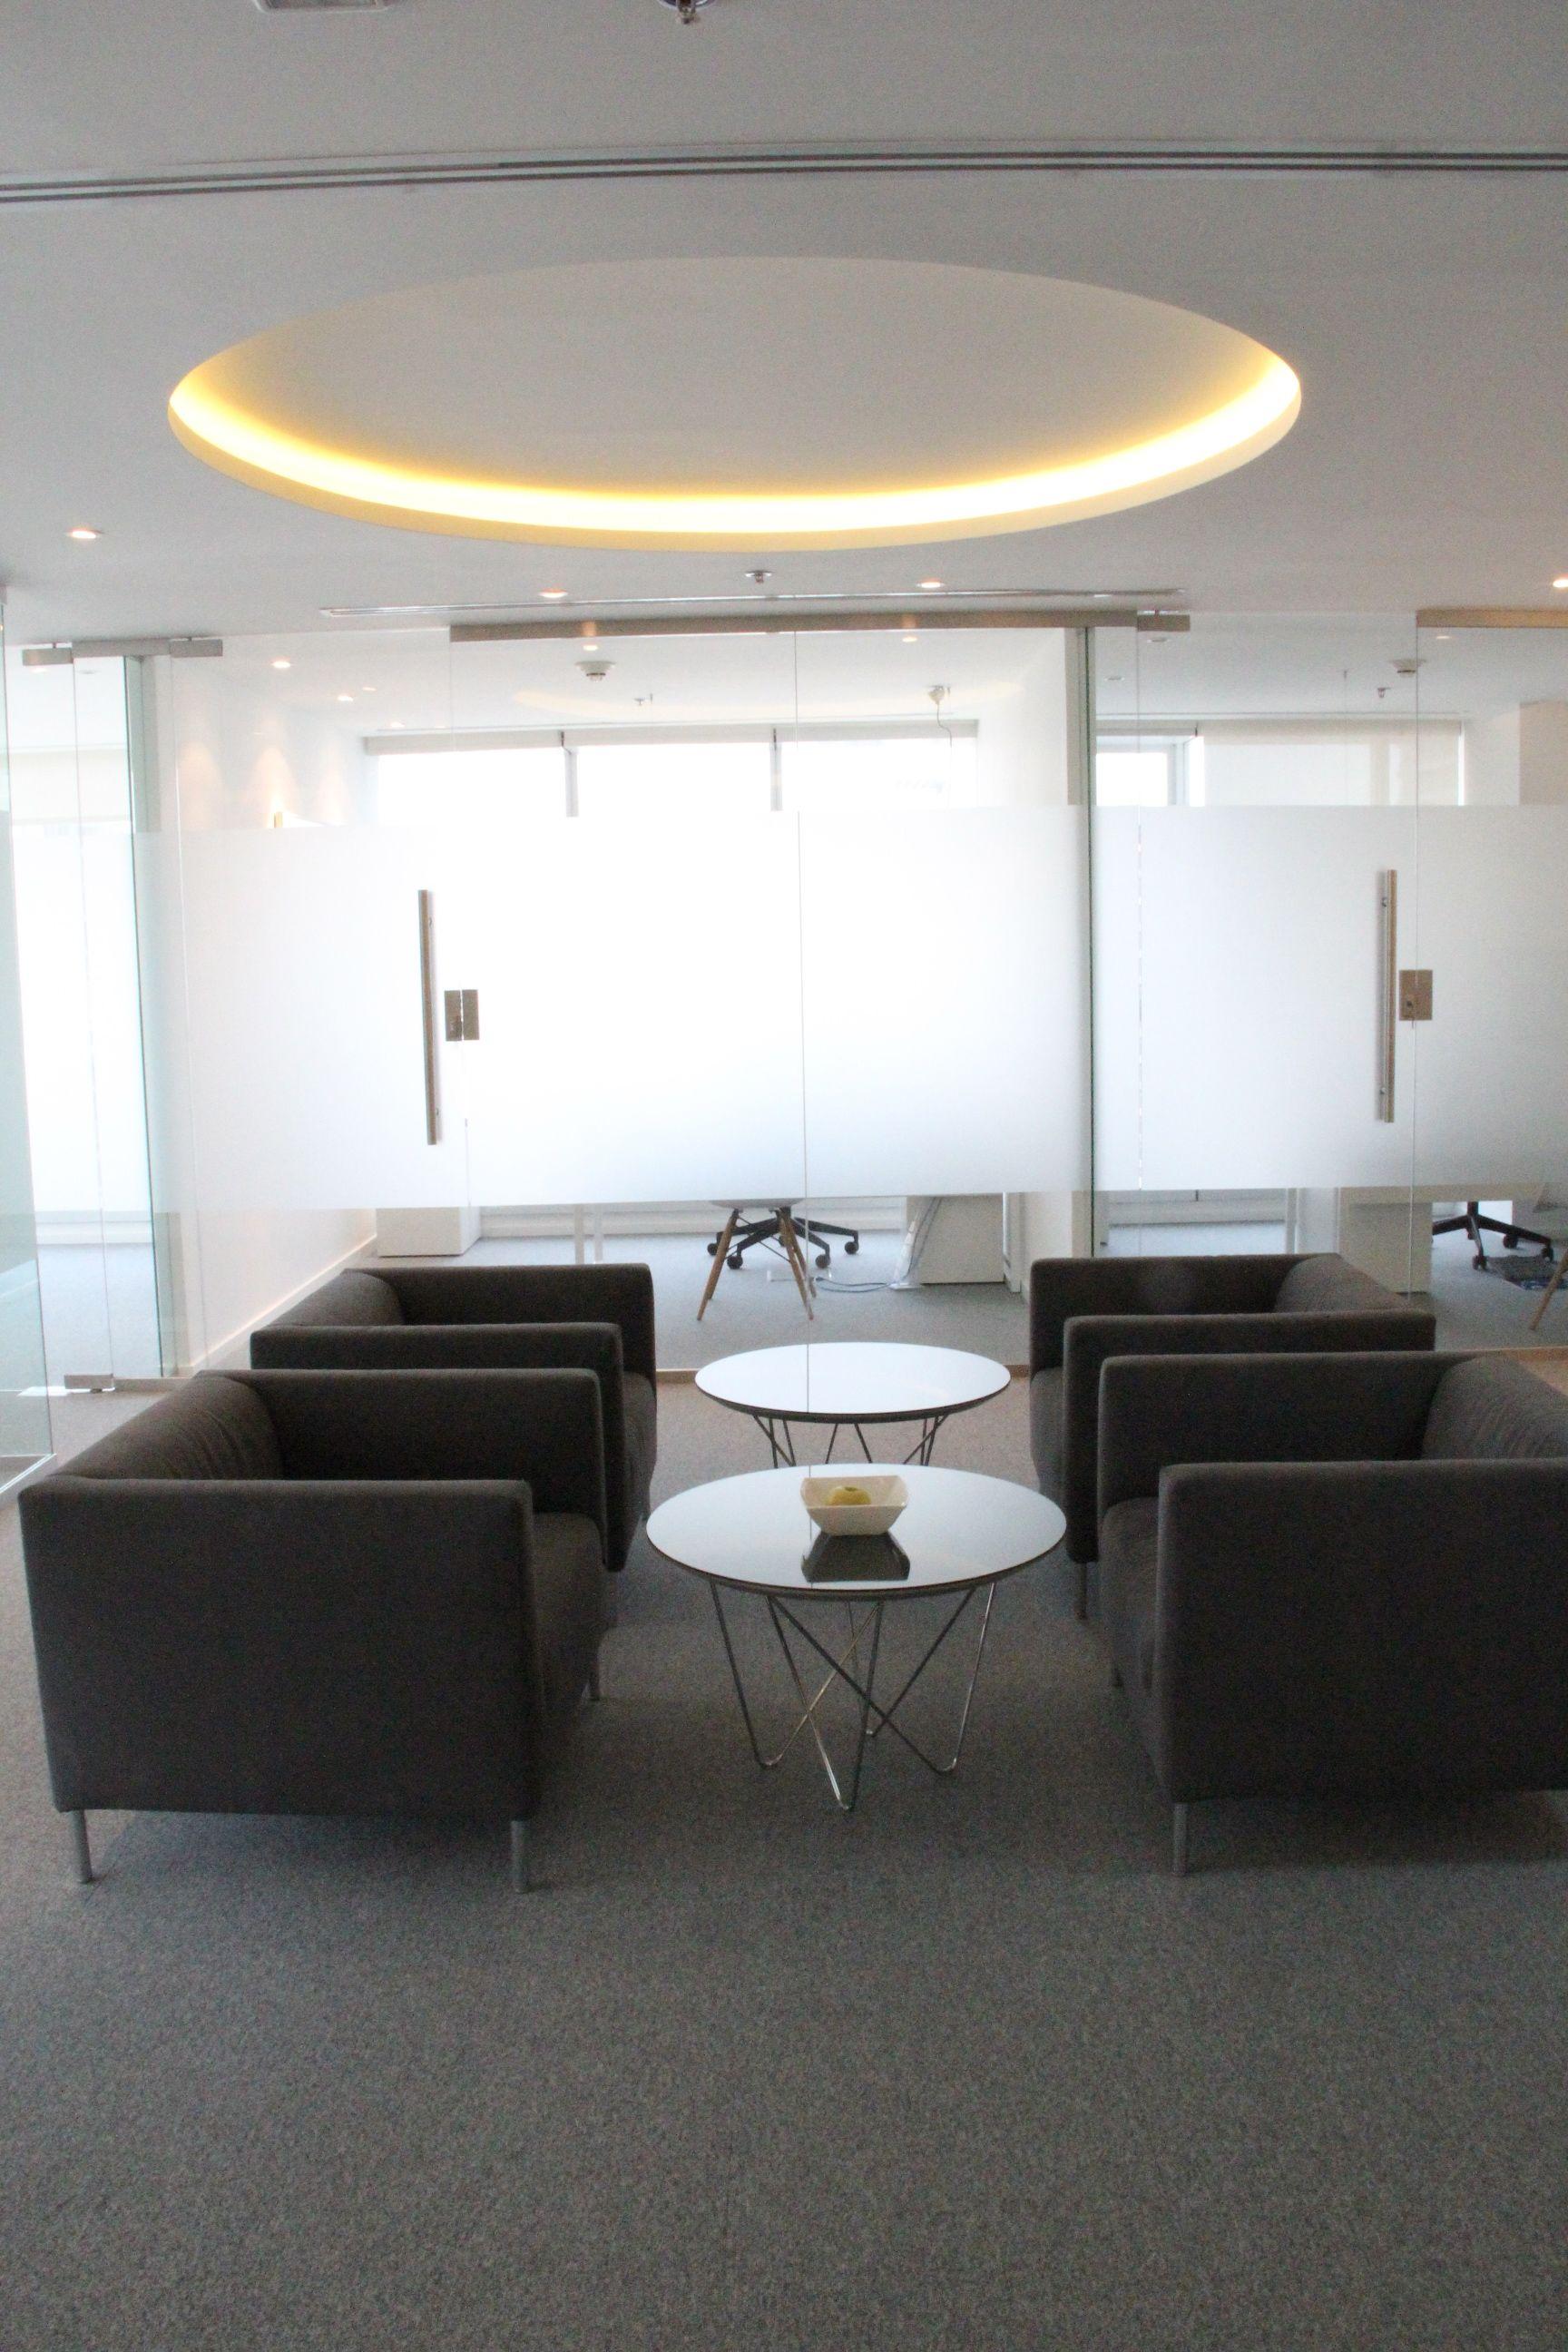 Corporate office Lounge design by Swiss Bureau Interior Design LLC